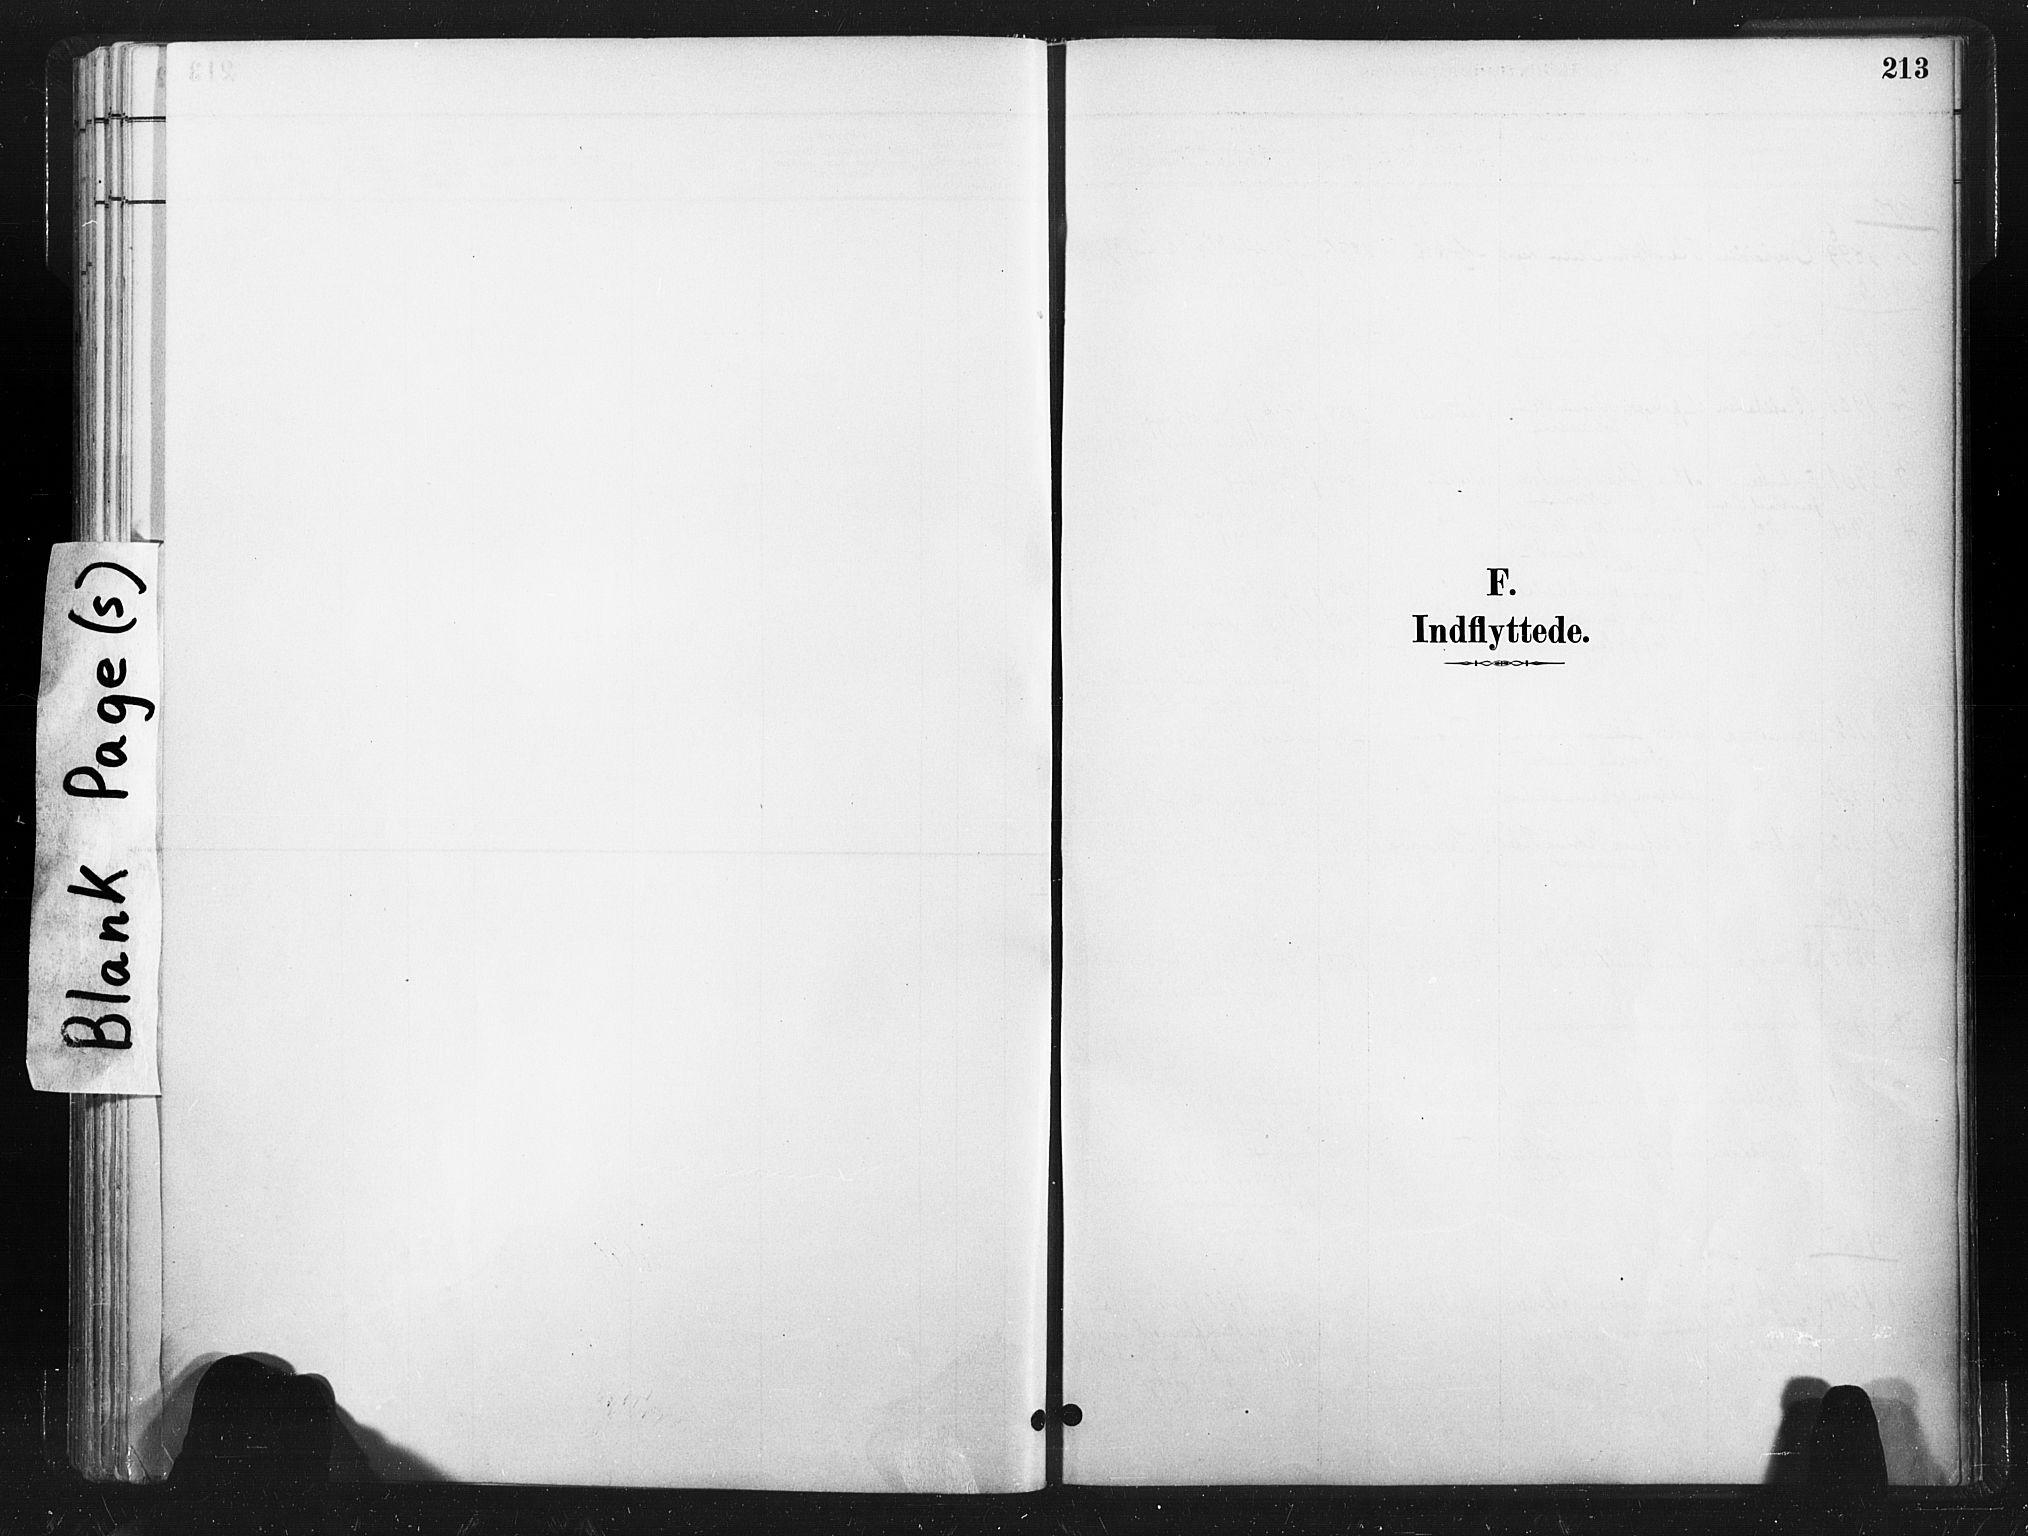 SAT, Ministerialprotokoller, klokkerbøker og fødselsregistre - Nord-Trøndelag, 736/L0361: Ministerialbok nr. 736A01, 1884-1906, s. 213